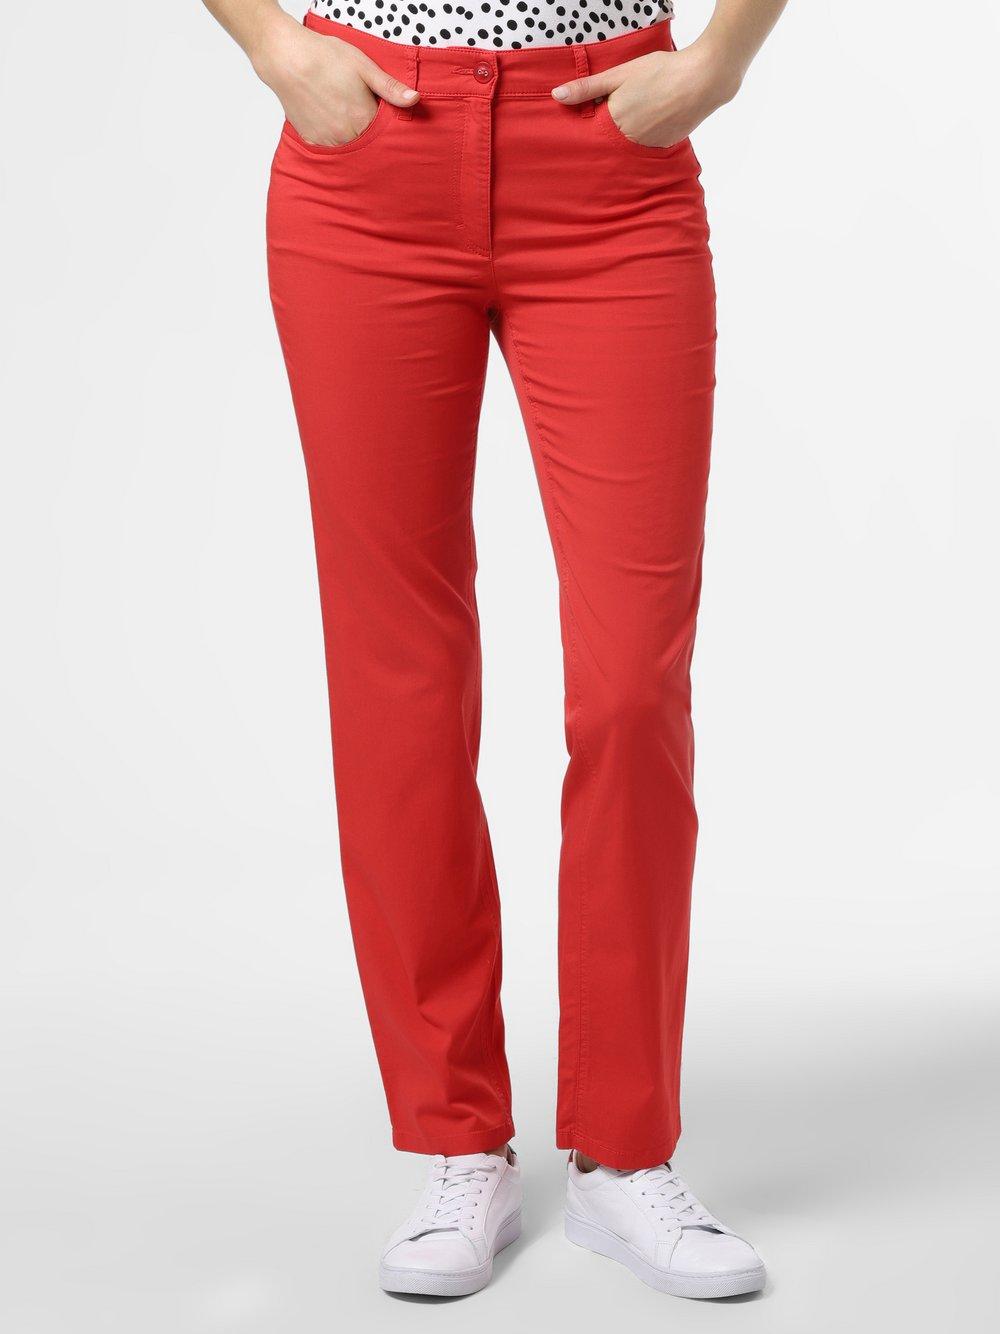 Zerres – Spodnie damskie, czerwony Van Graaf 431120-0001-00360